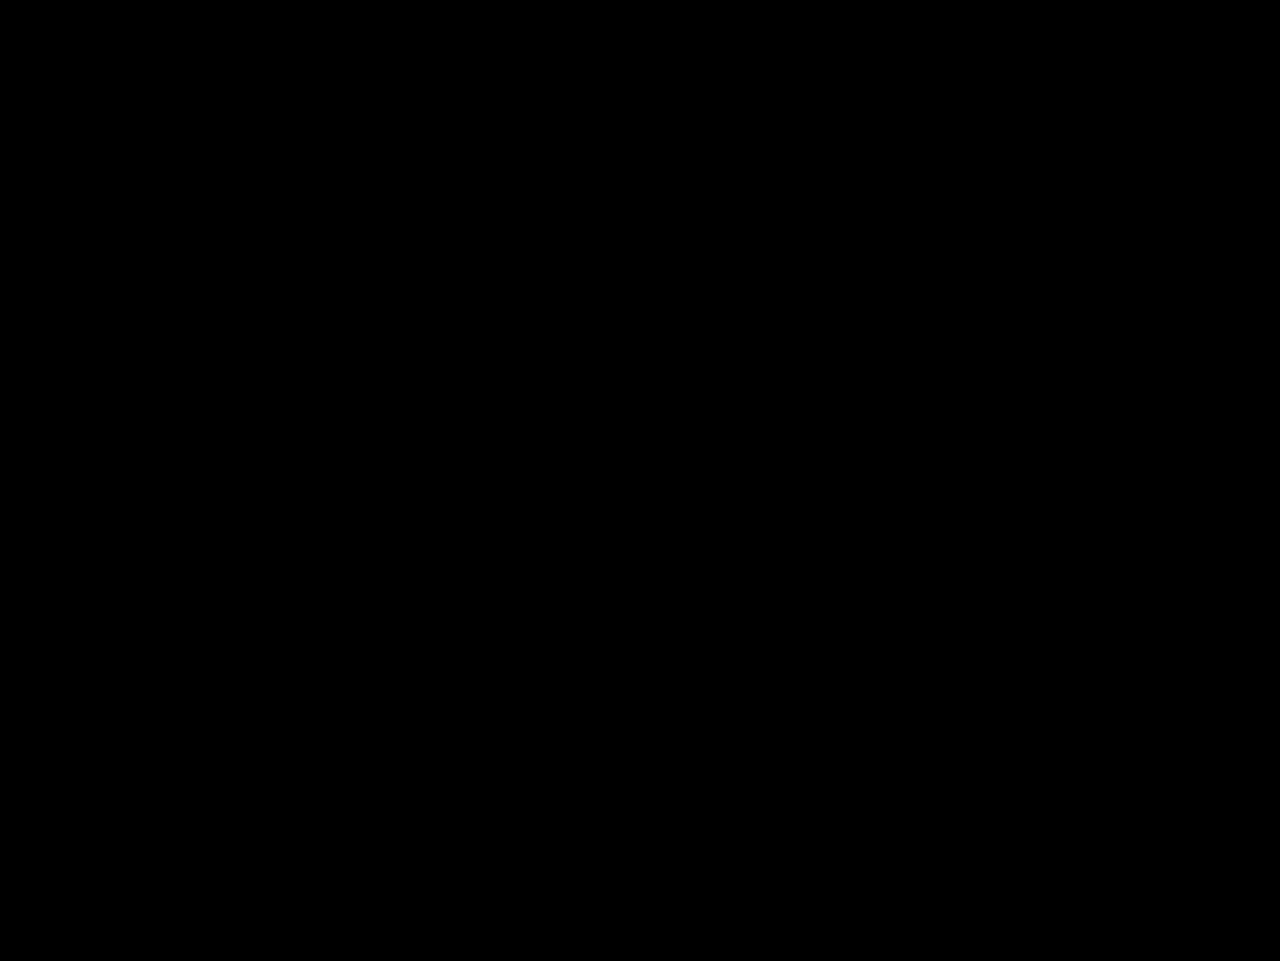 95939227-9268-44D3-9CDB-11F0724E9D52